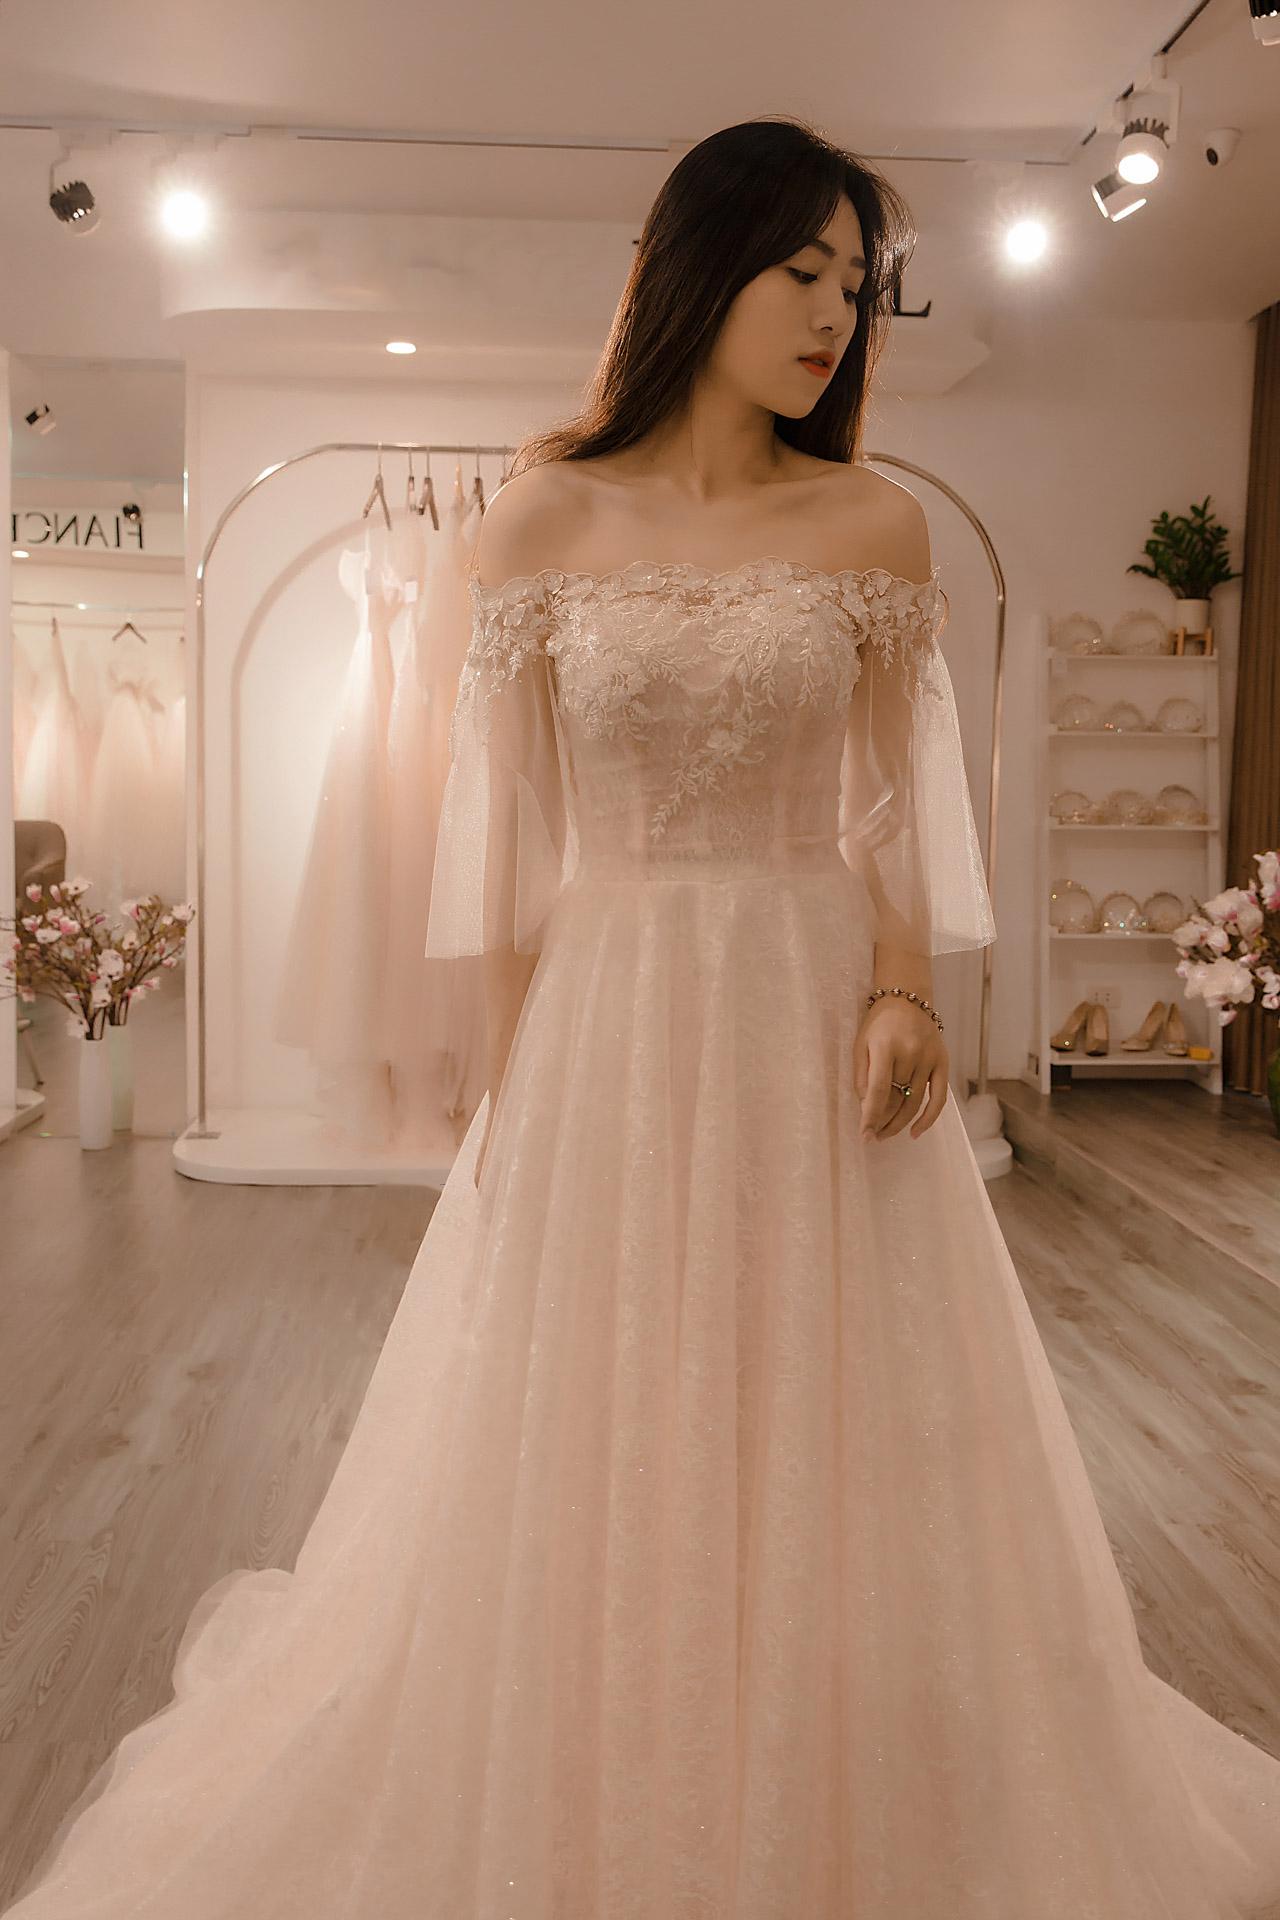 thuê áo cưới giá dưới một triệu